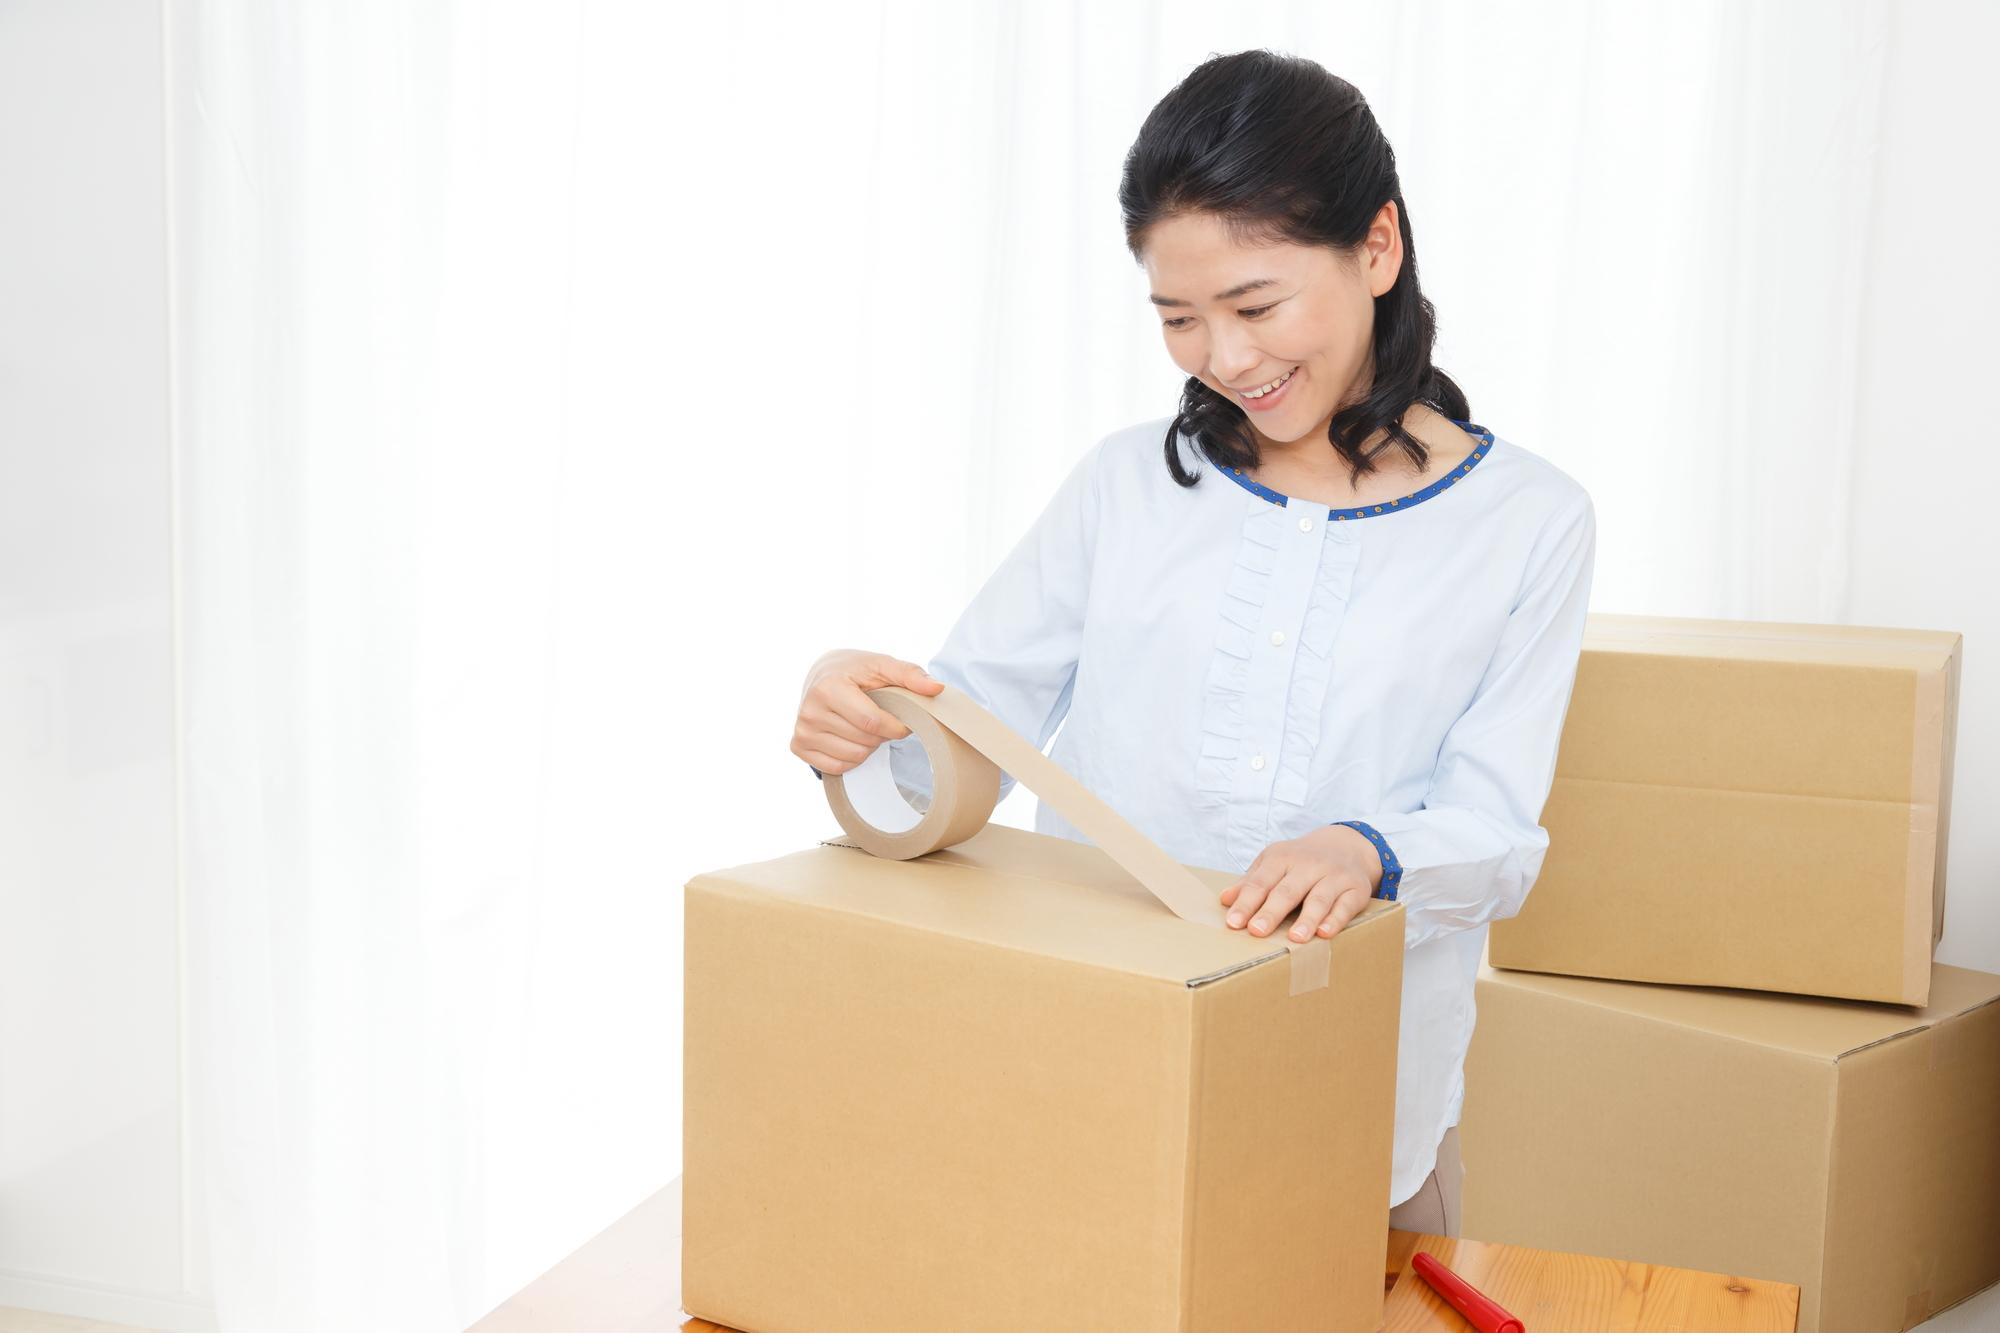 ダンボールを梱包する女性